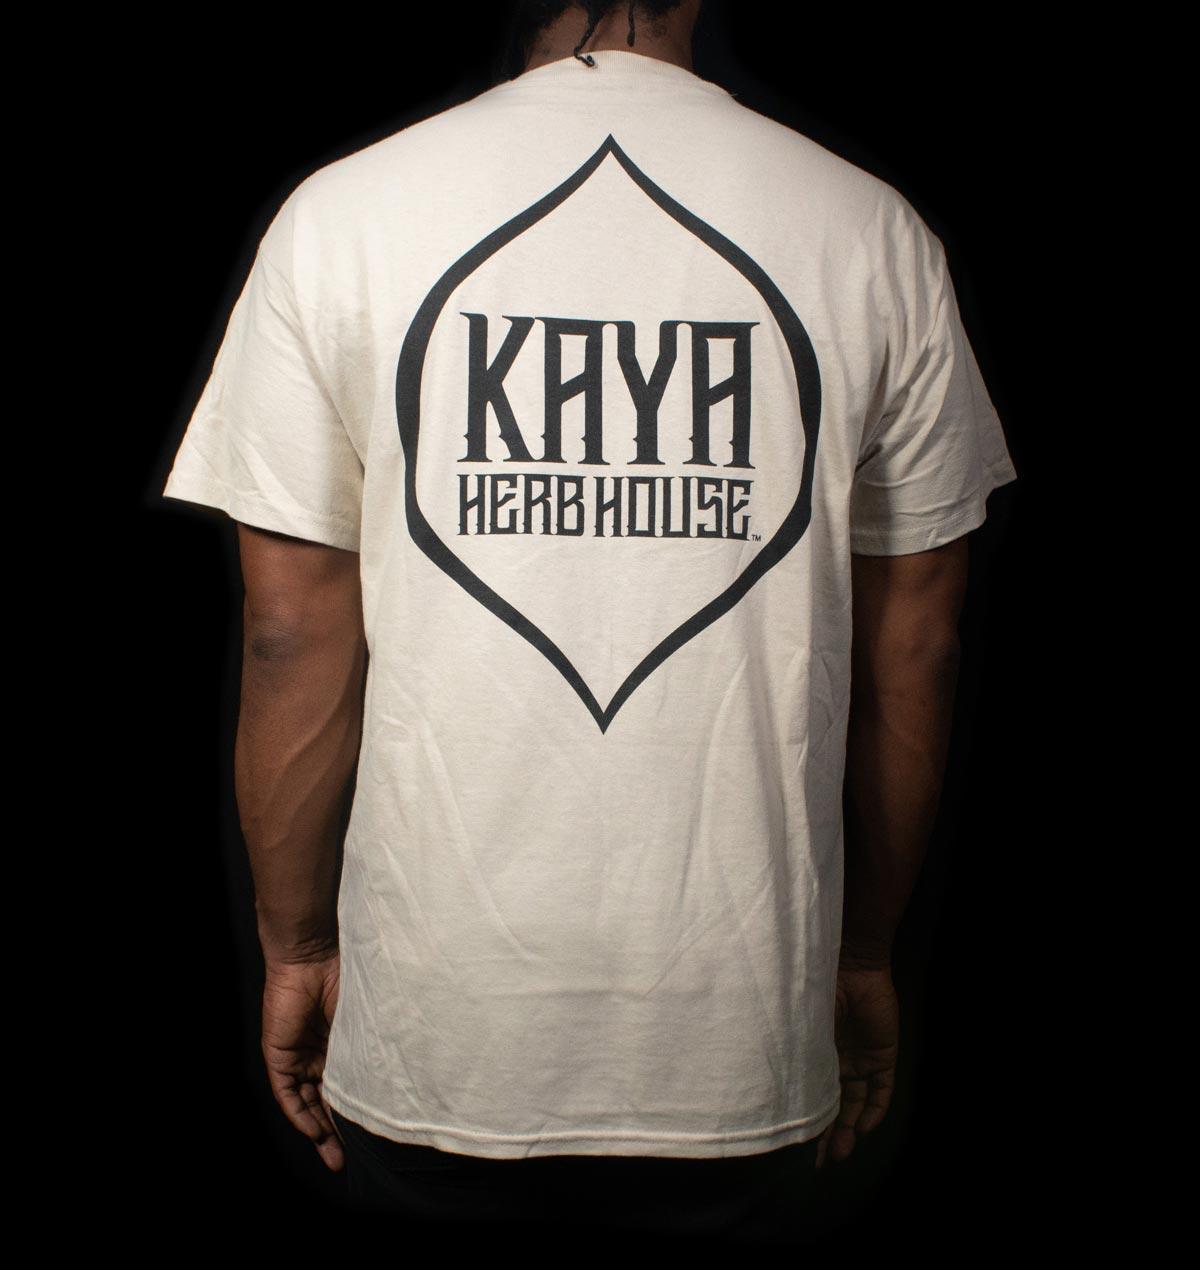 Kaya Herb House White T-shirt